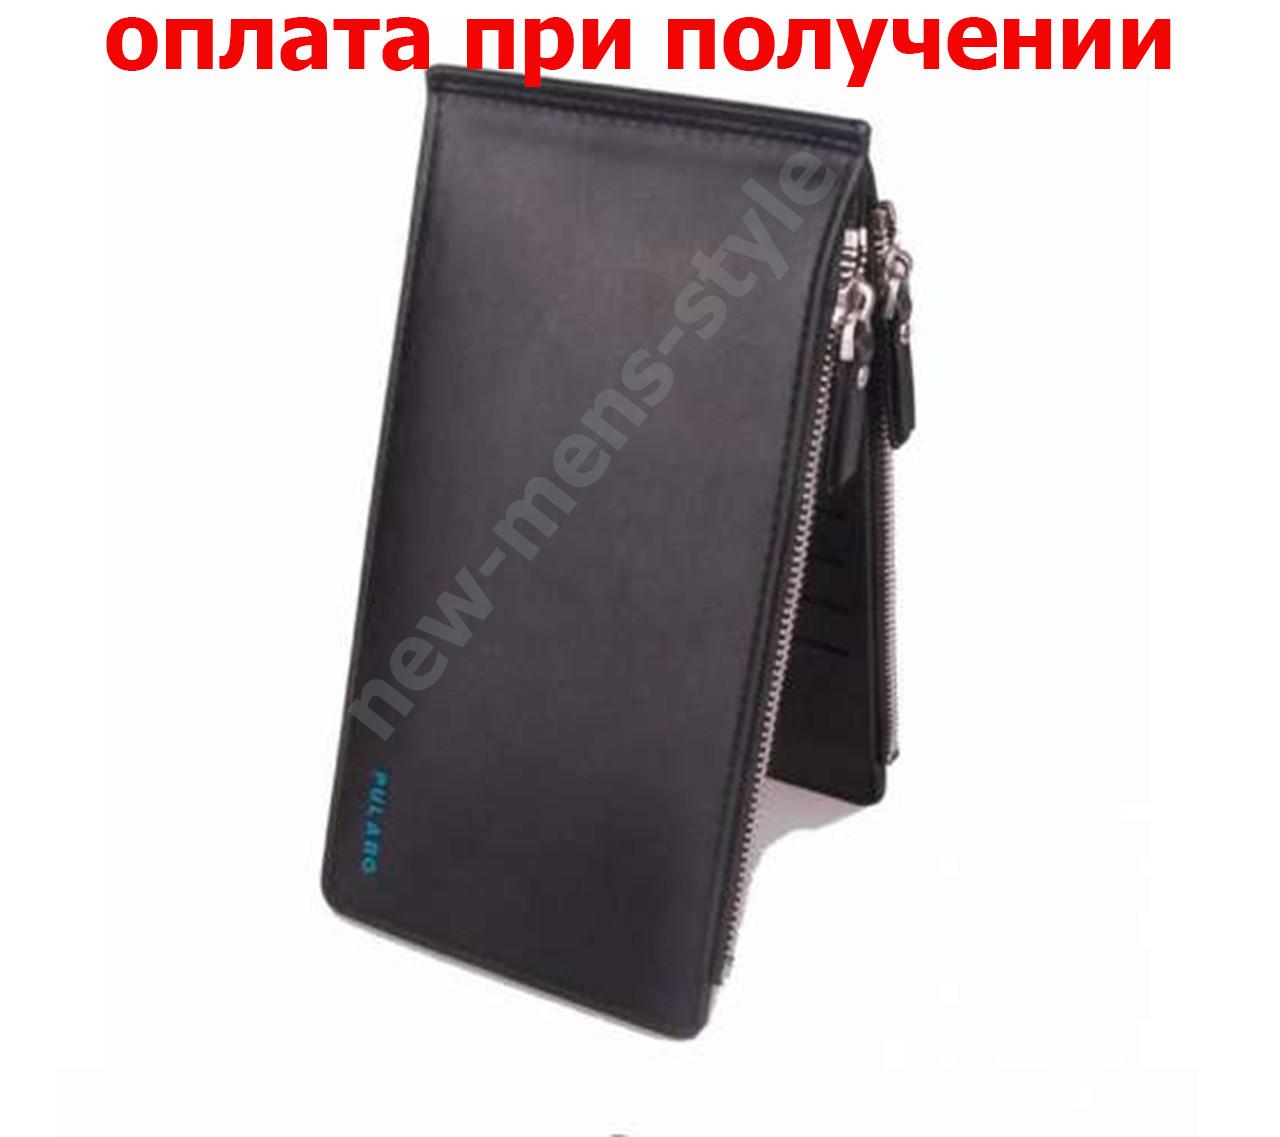 Стильний чоловічий шкіряний гаманець клатч портмоне гаманець PULABO купити